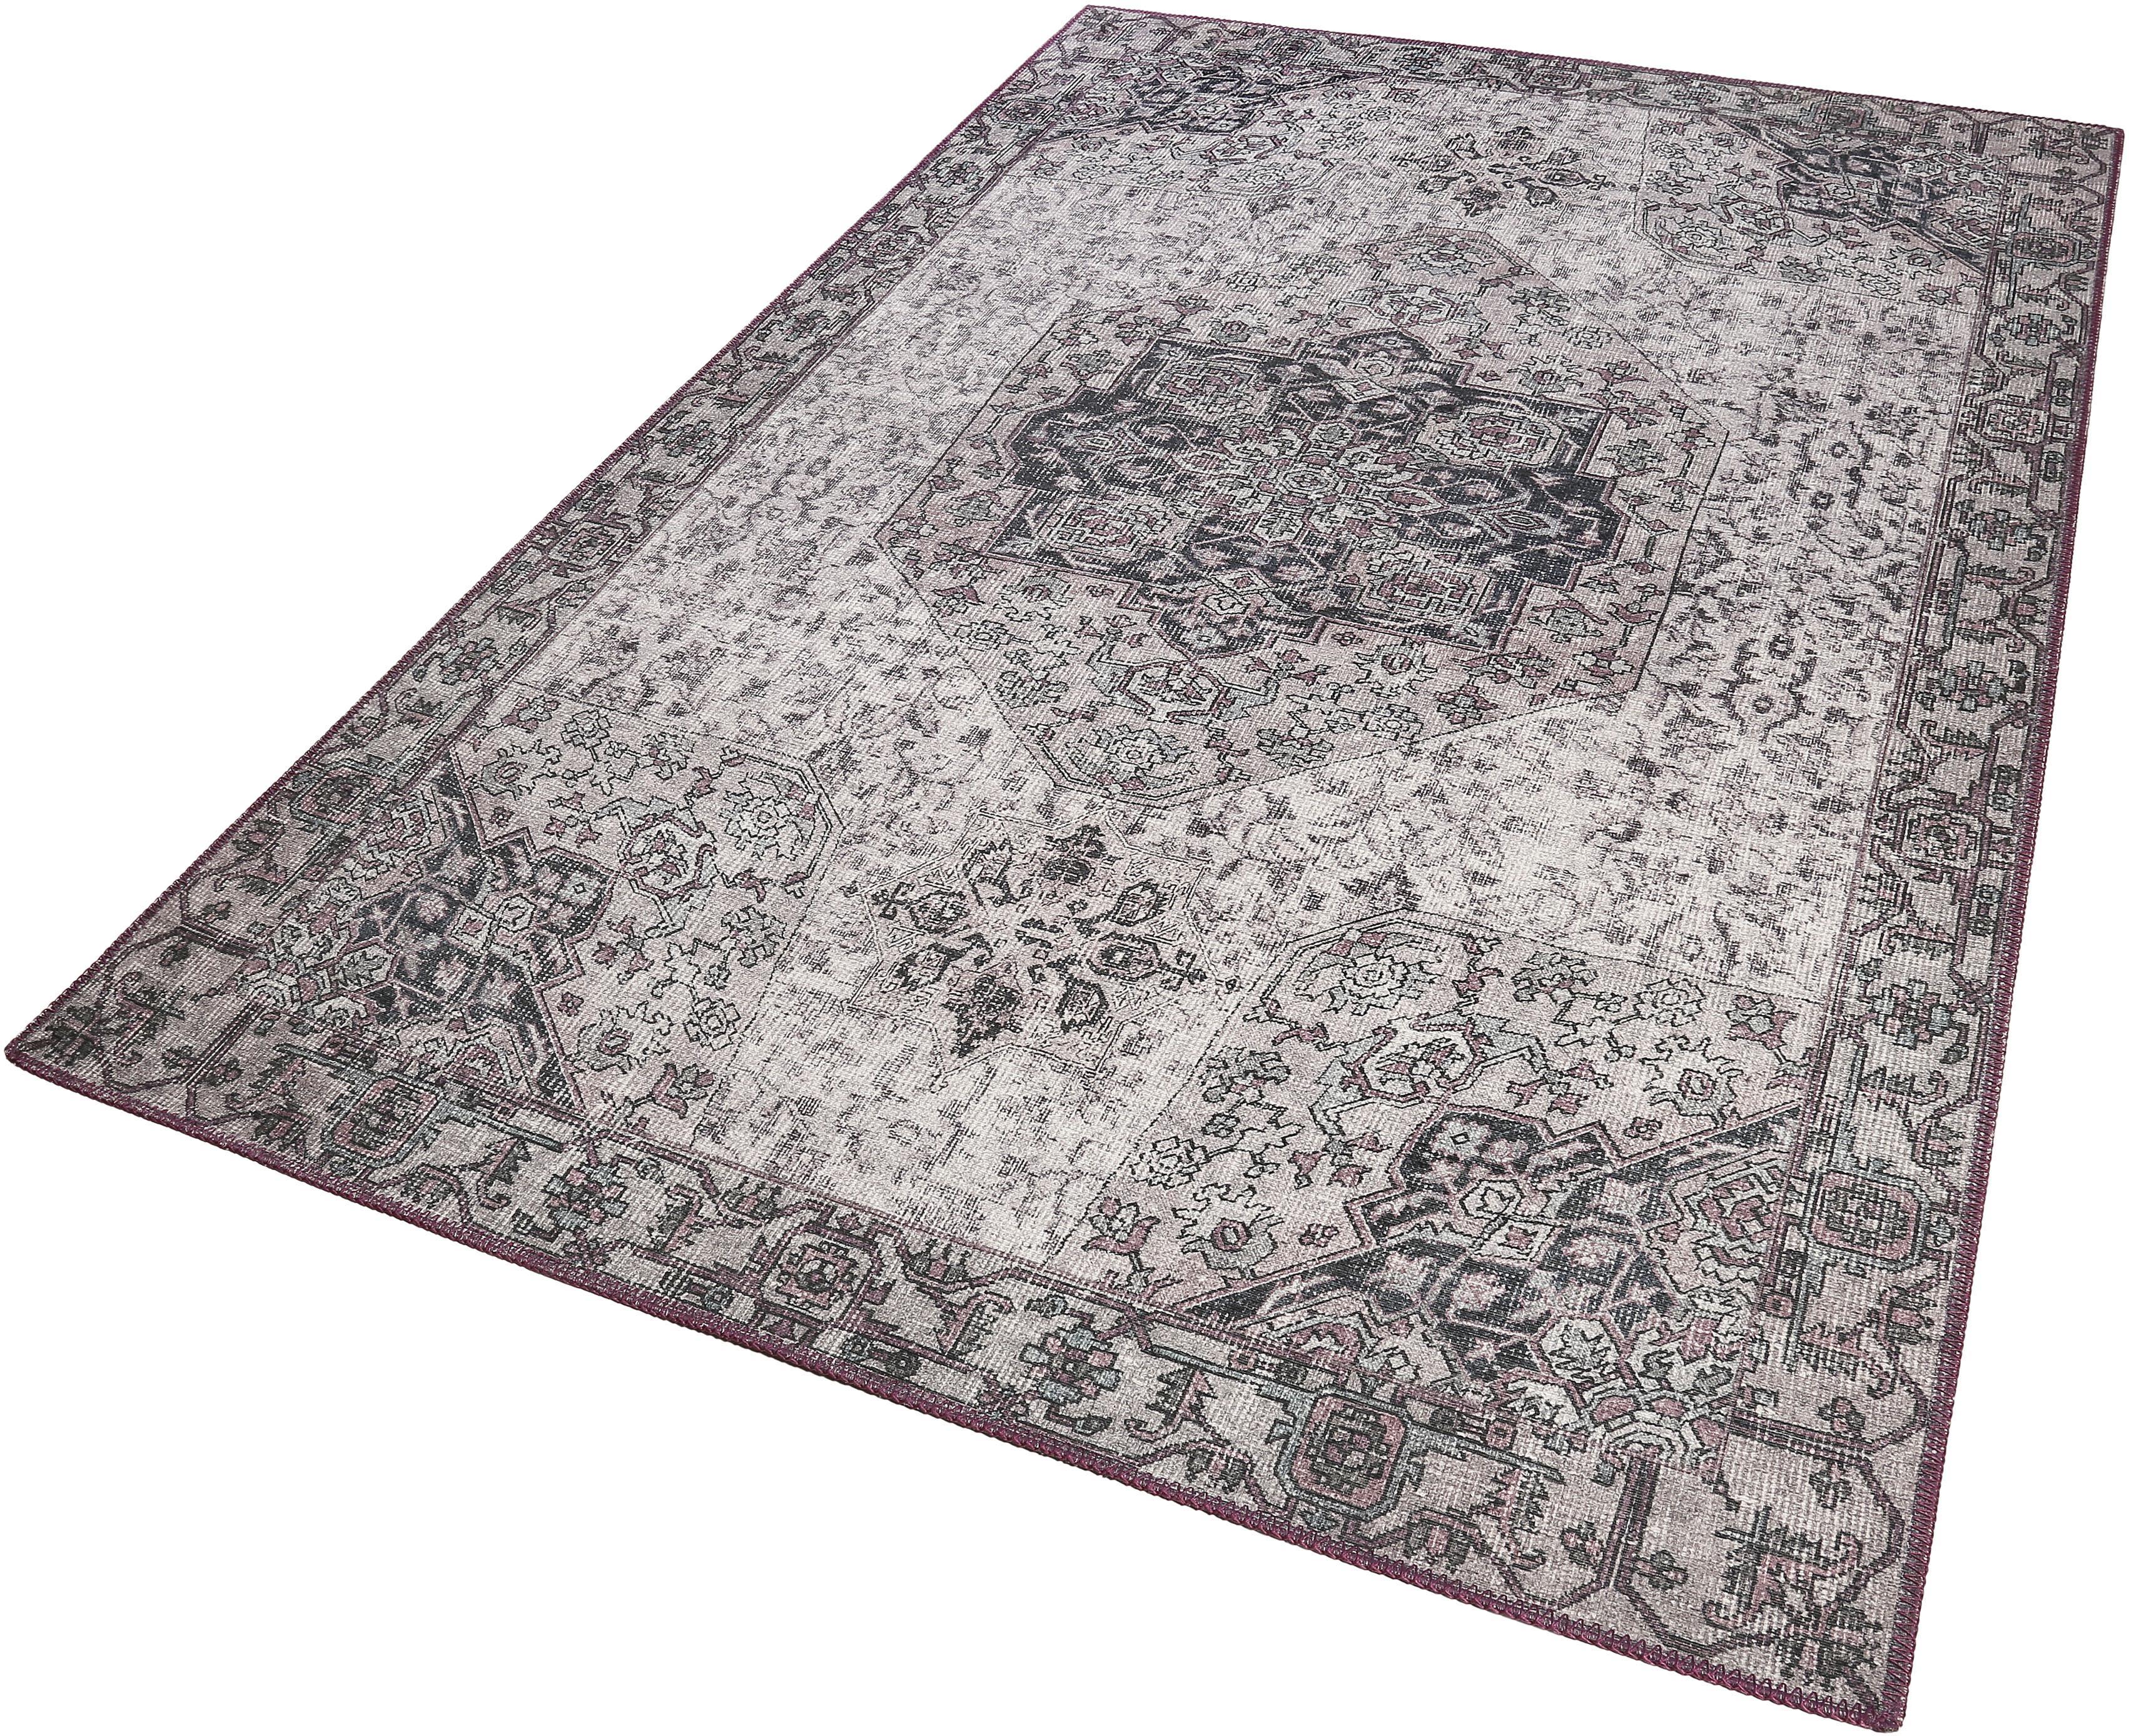 Teppich Synchronize Wecon Home rechteckig Höhe 6 mm maschinell gewebt